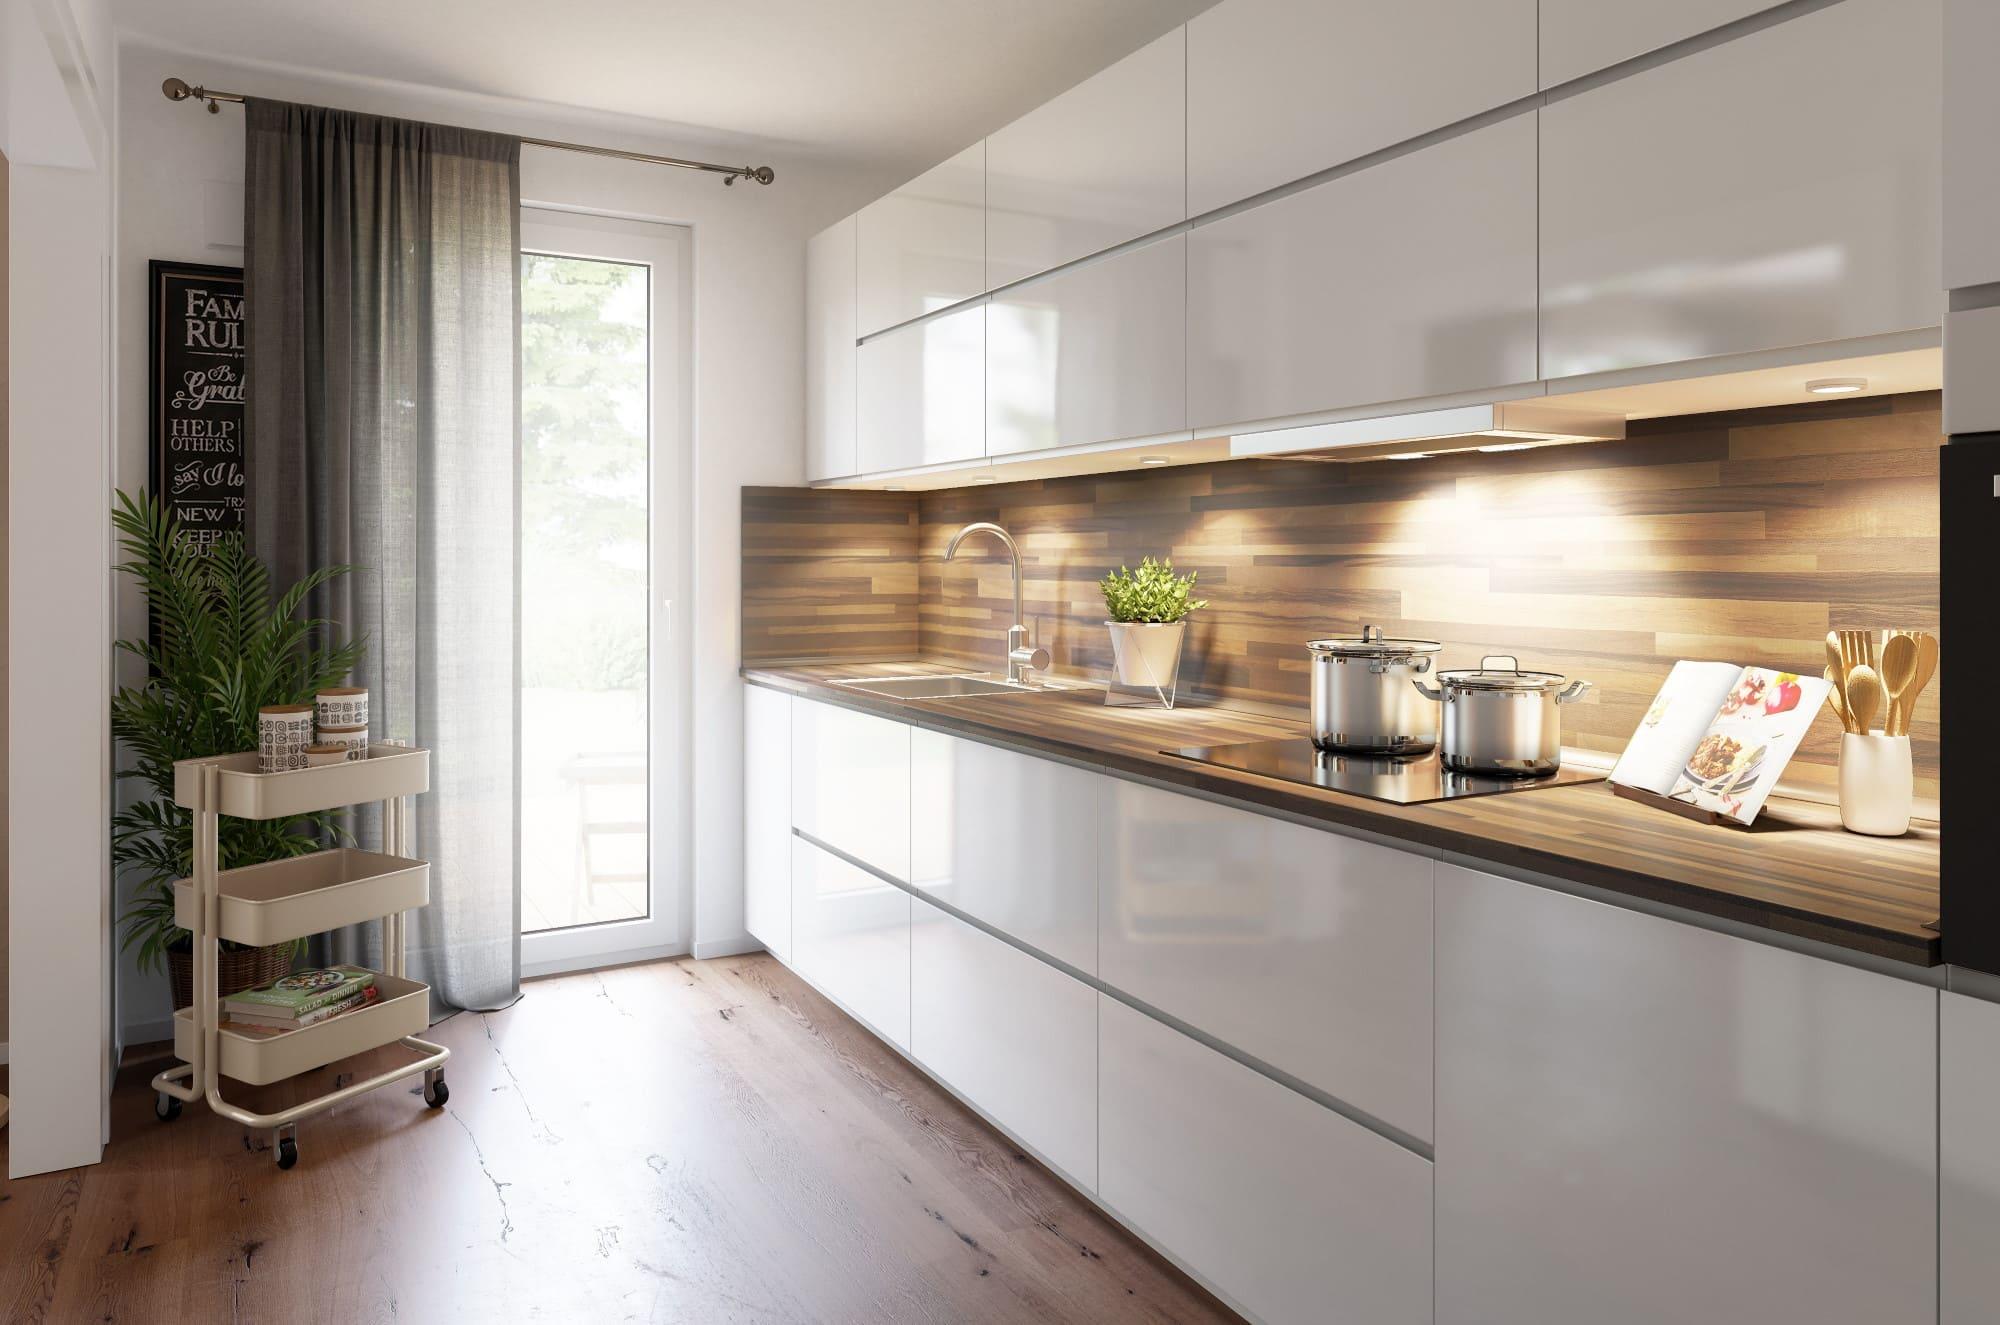 Küche modern weiß mit Holz - Haus Design Ideen Inneneinrichtung Town Country Haus Bungalow 78 - HausbauDirekt.de